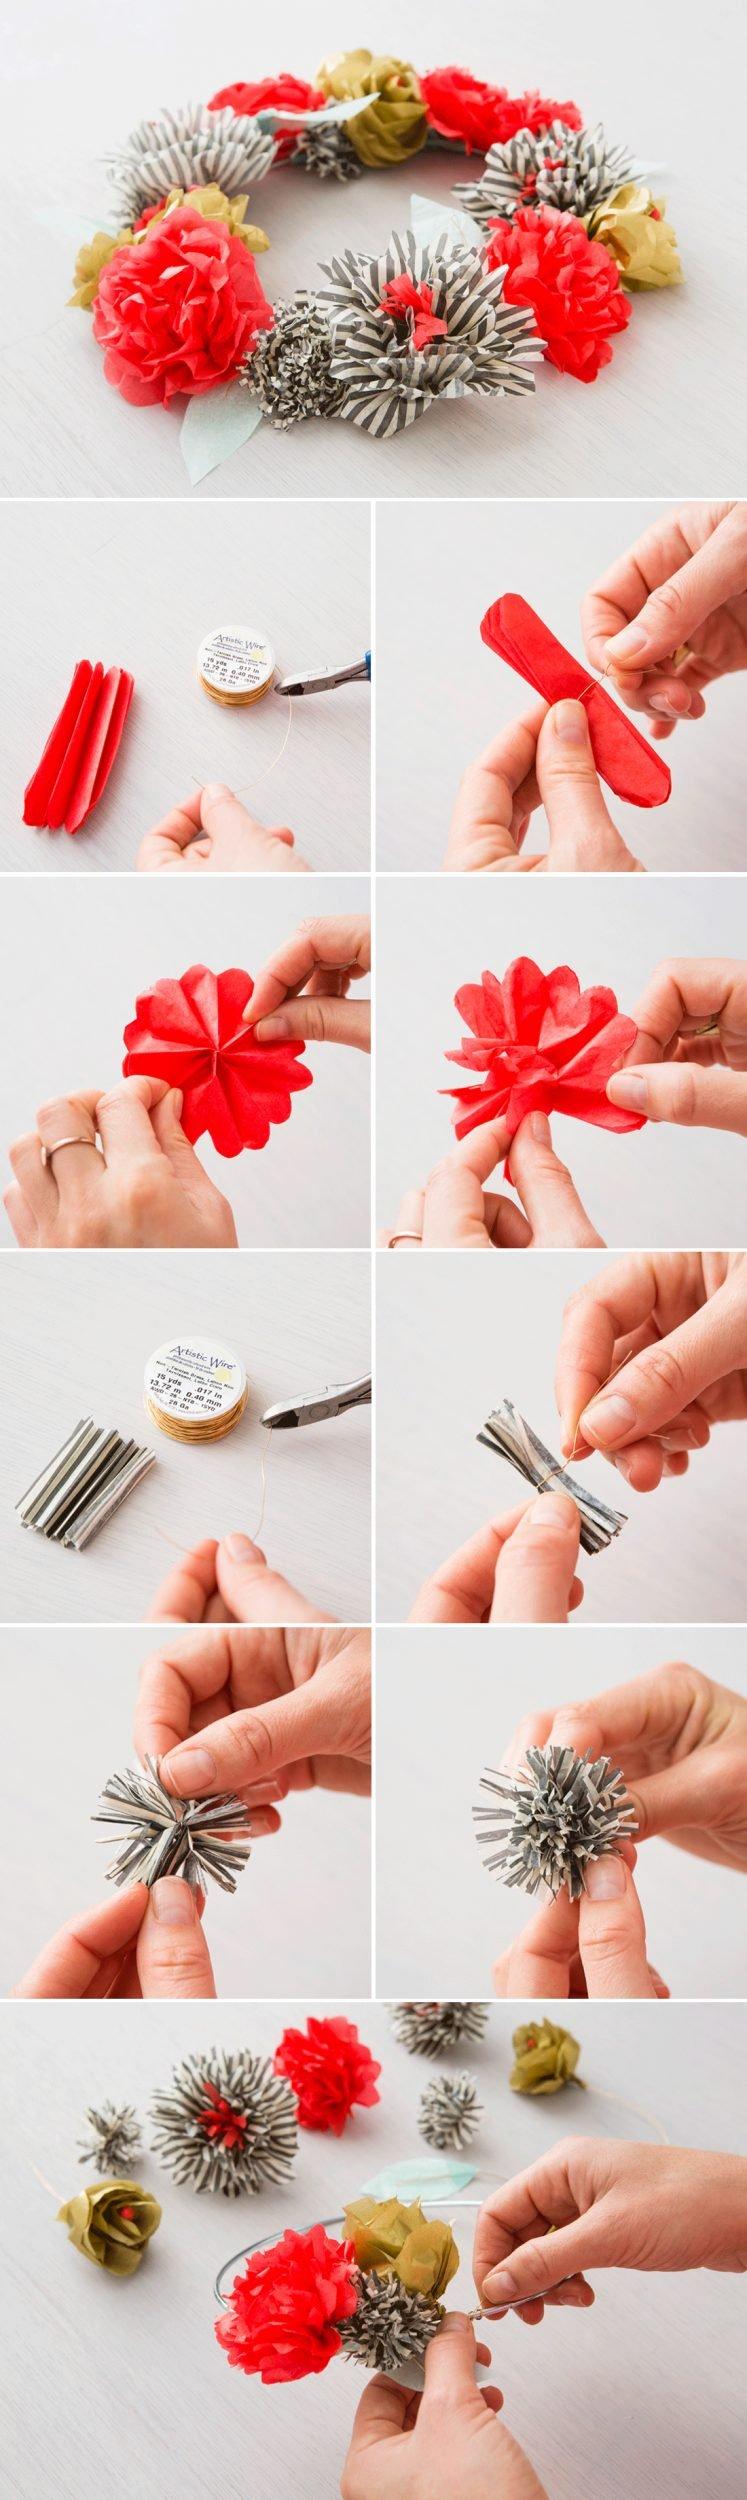 Stoffblumen selber machen oder DIY Blumenkranz aus Papier selber machen